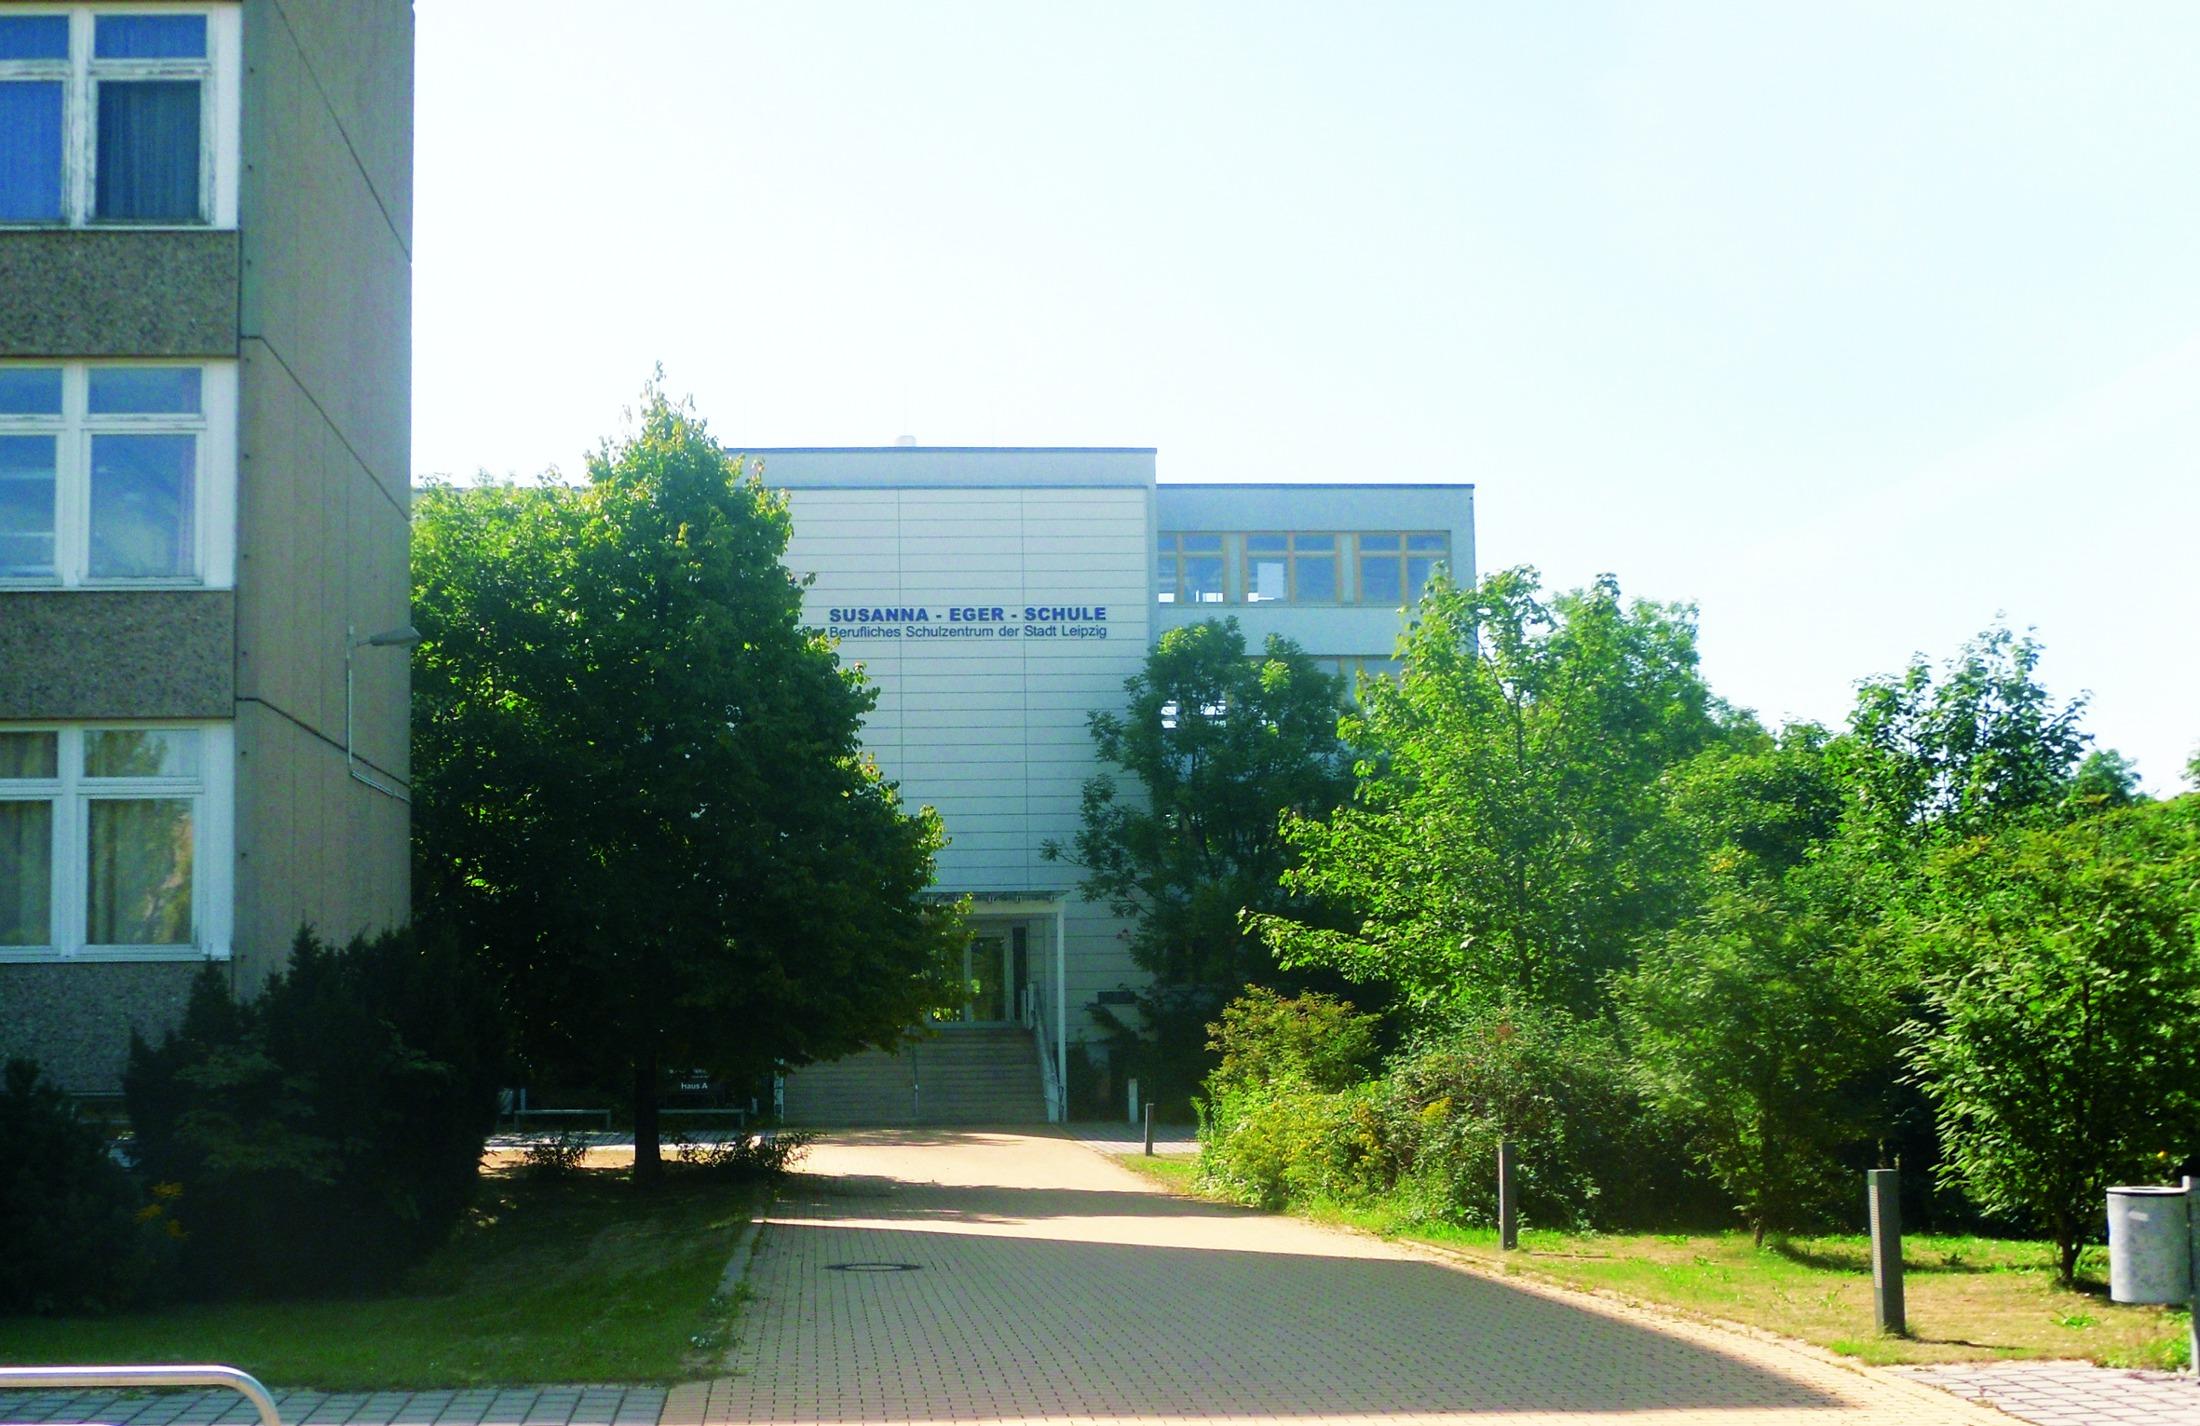 Gebäudeansicht des Berufsschulzentrum 10 Susanna-Eger-Schule